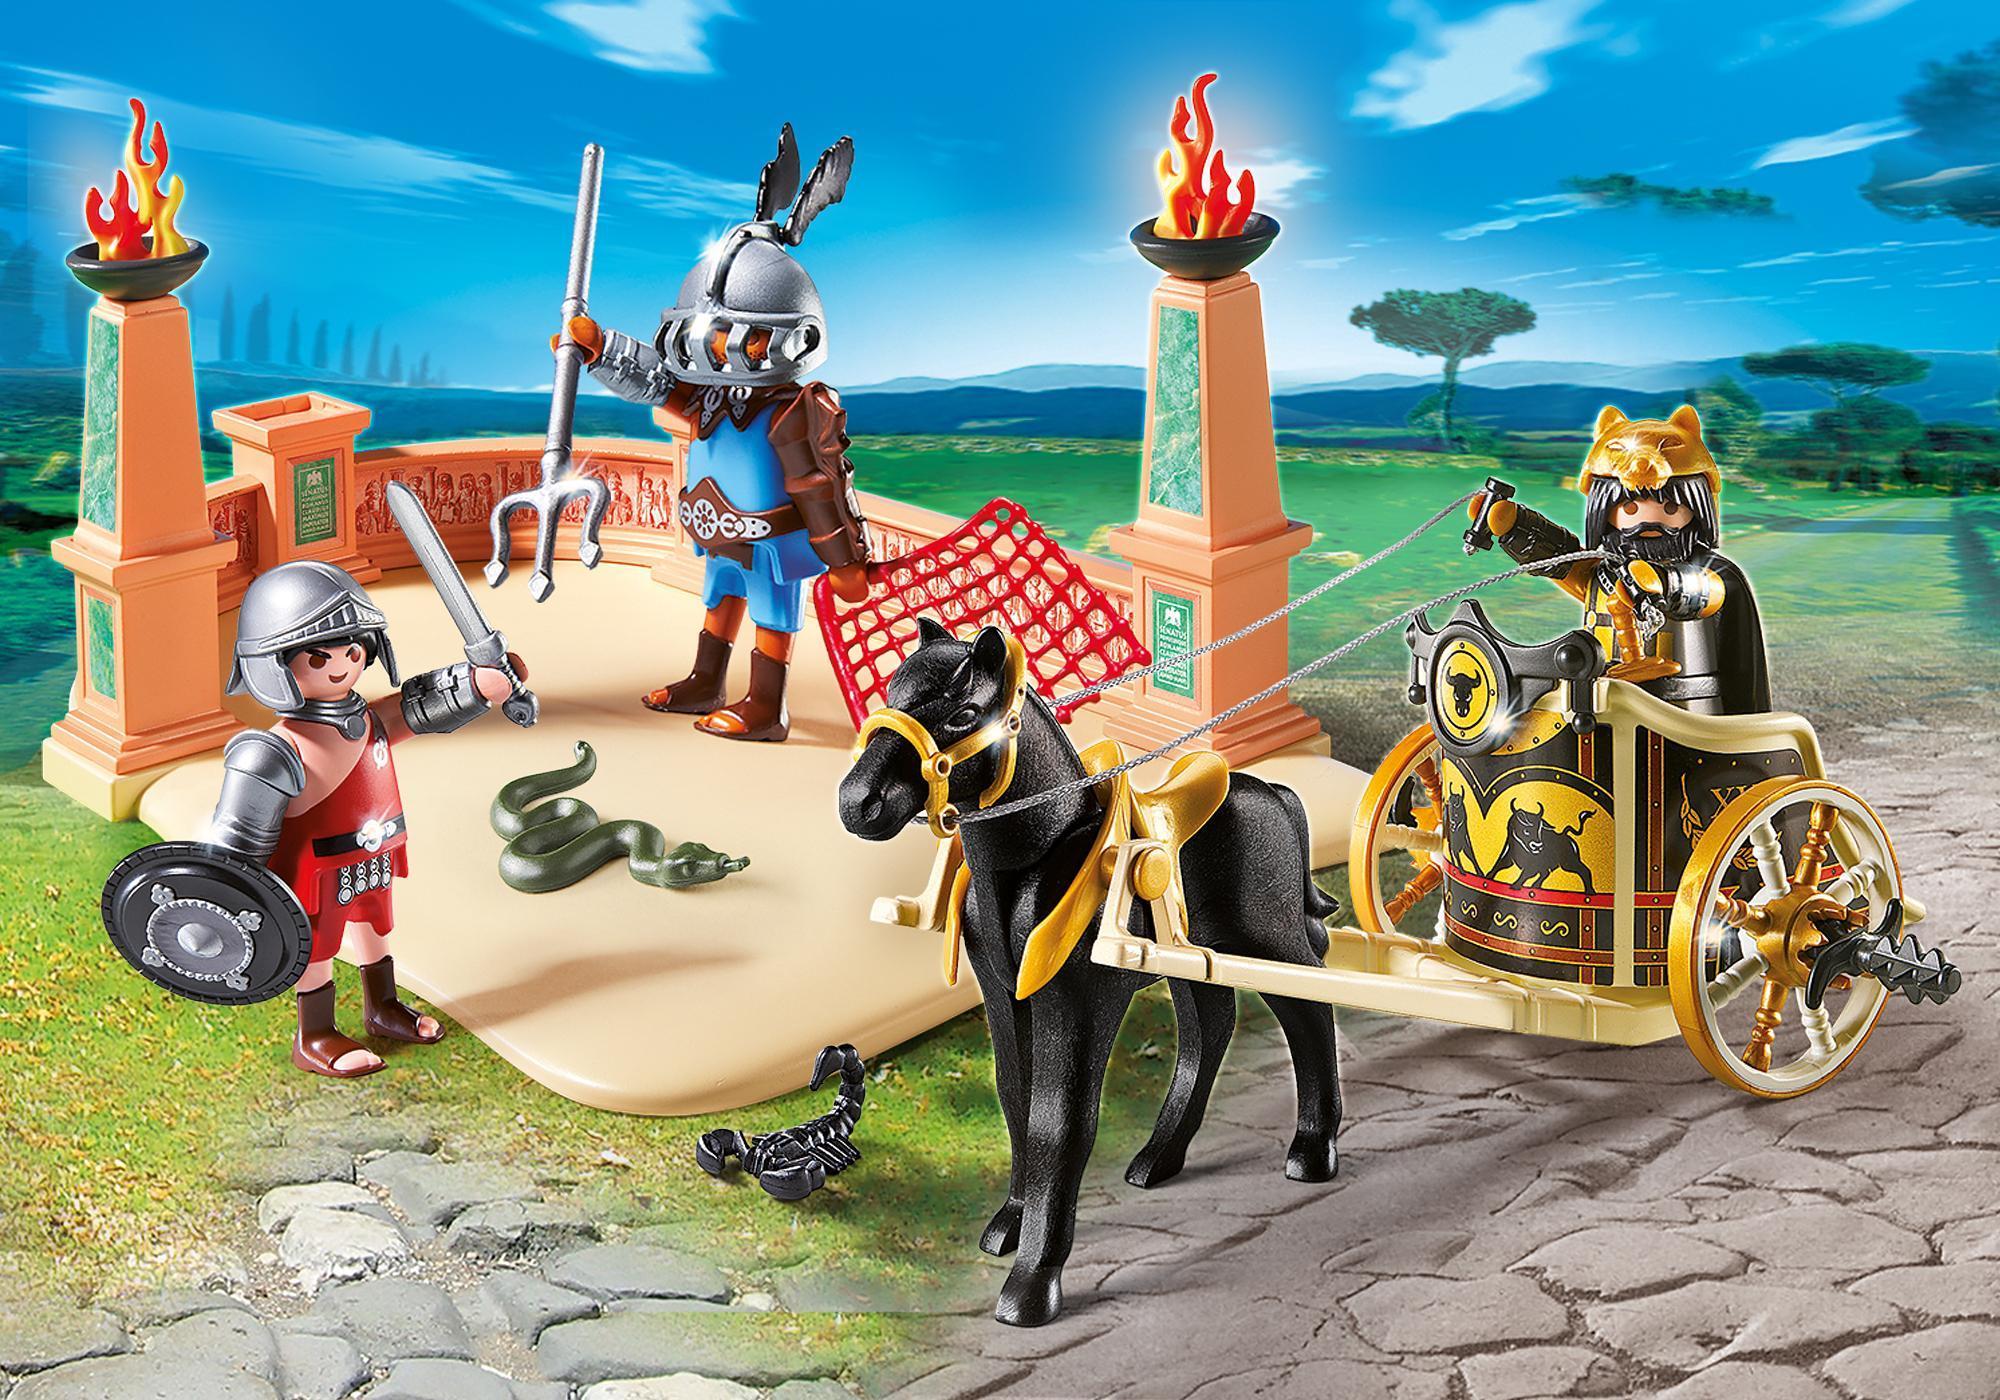 http://media.playmobil.com/i/playmobil/6868_product_detail/Arena de Gladiadores